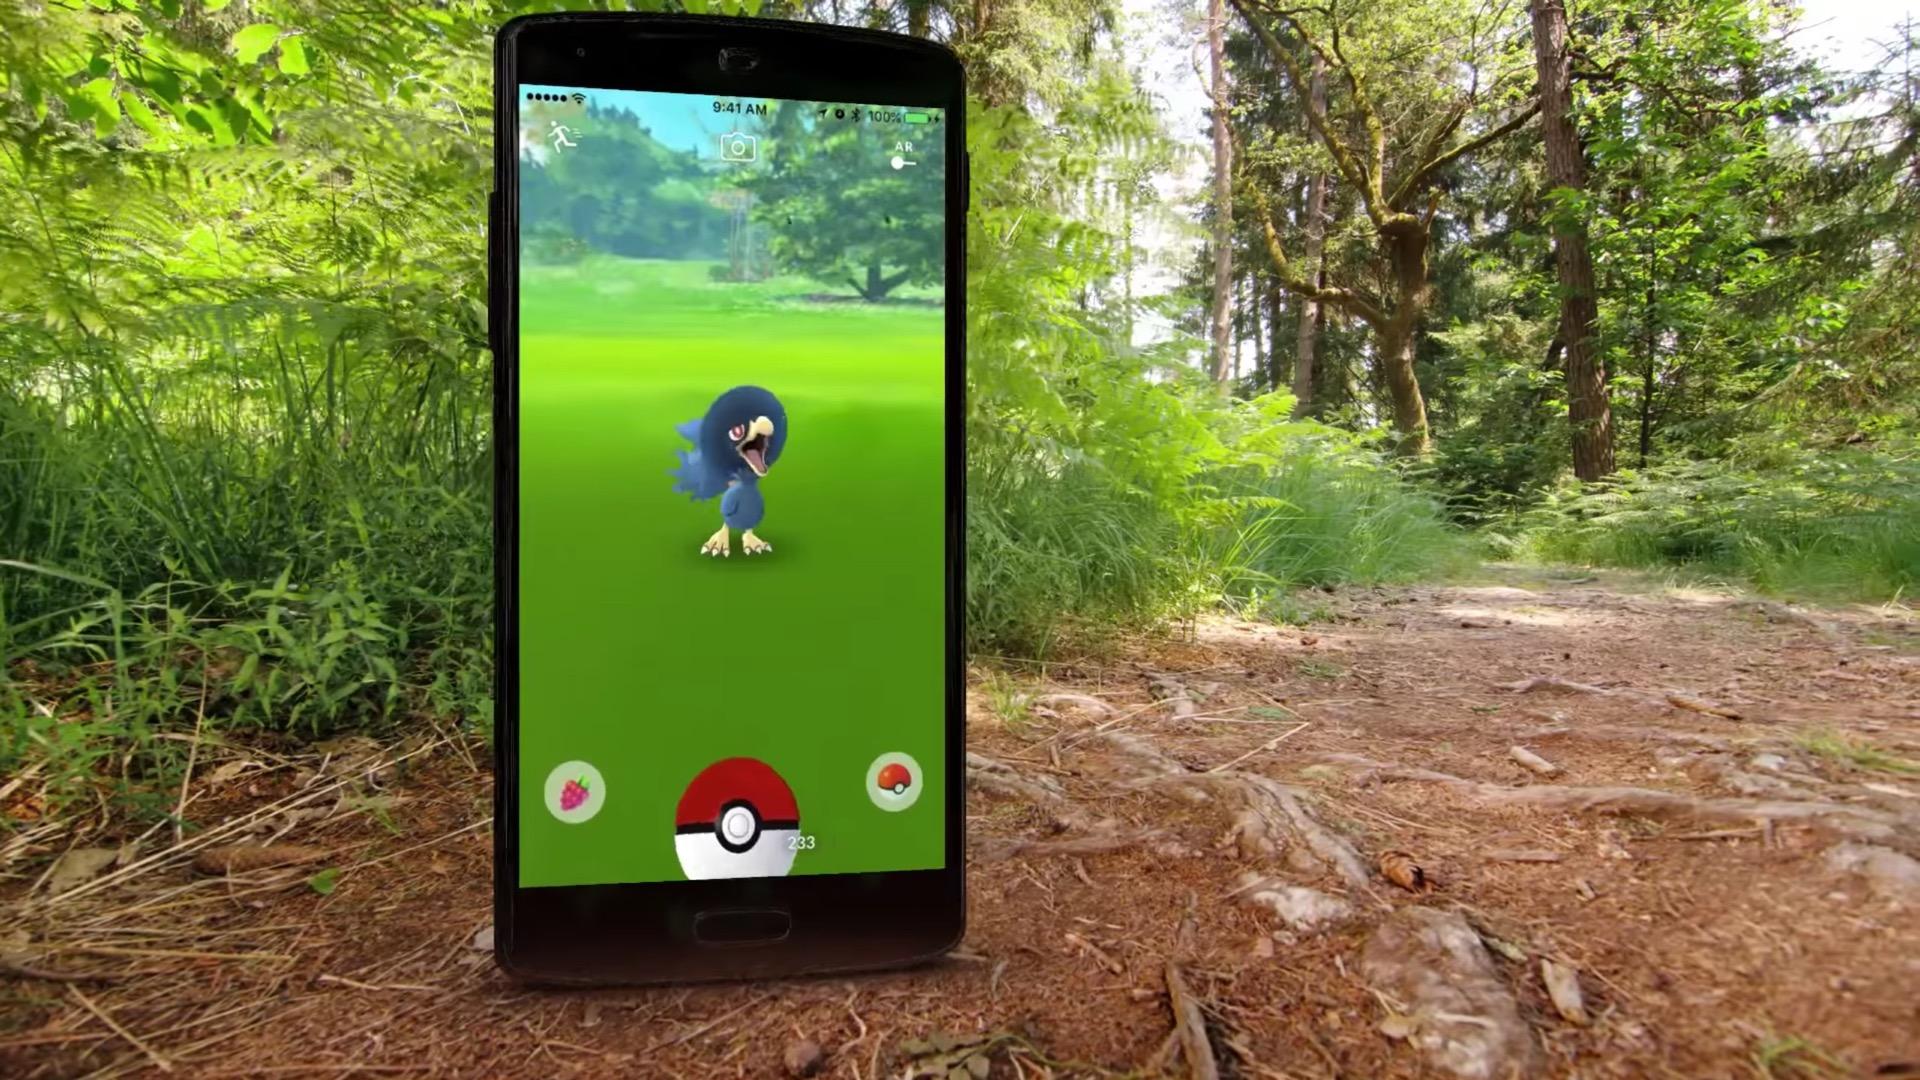 Pokémon GO jhoto5